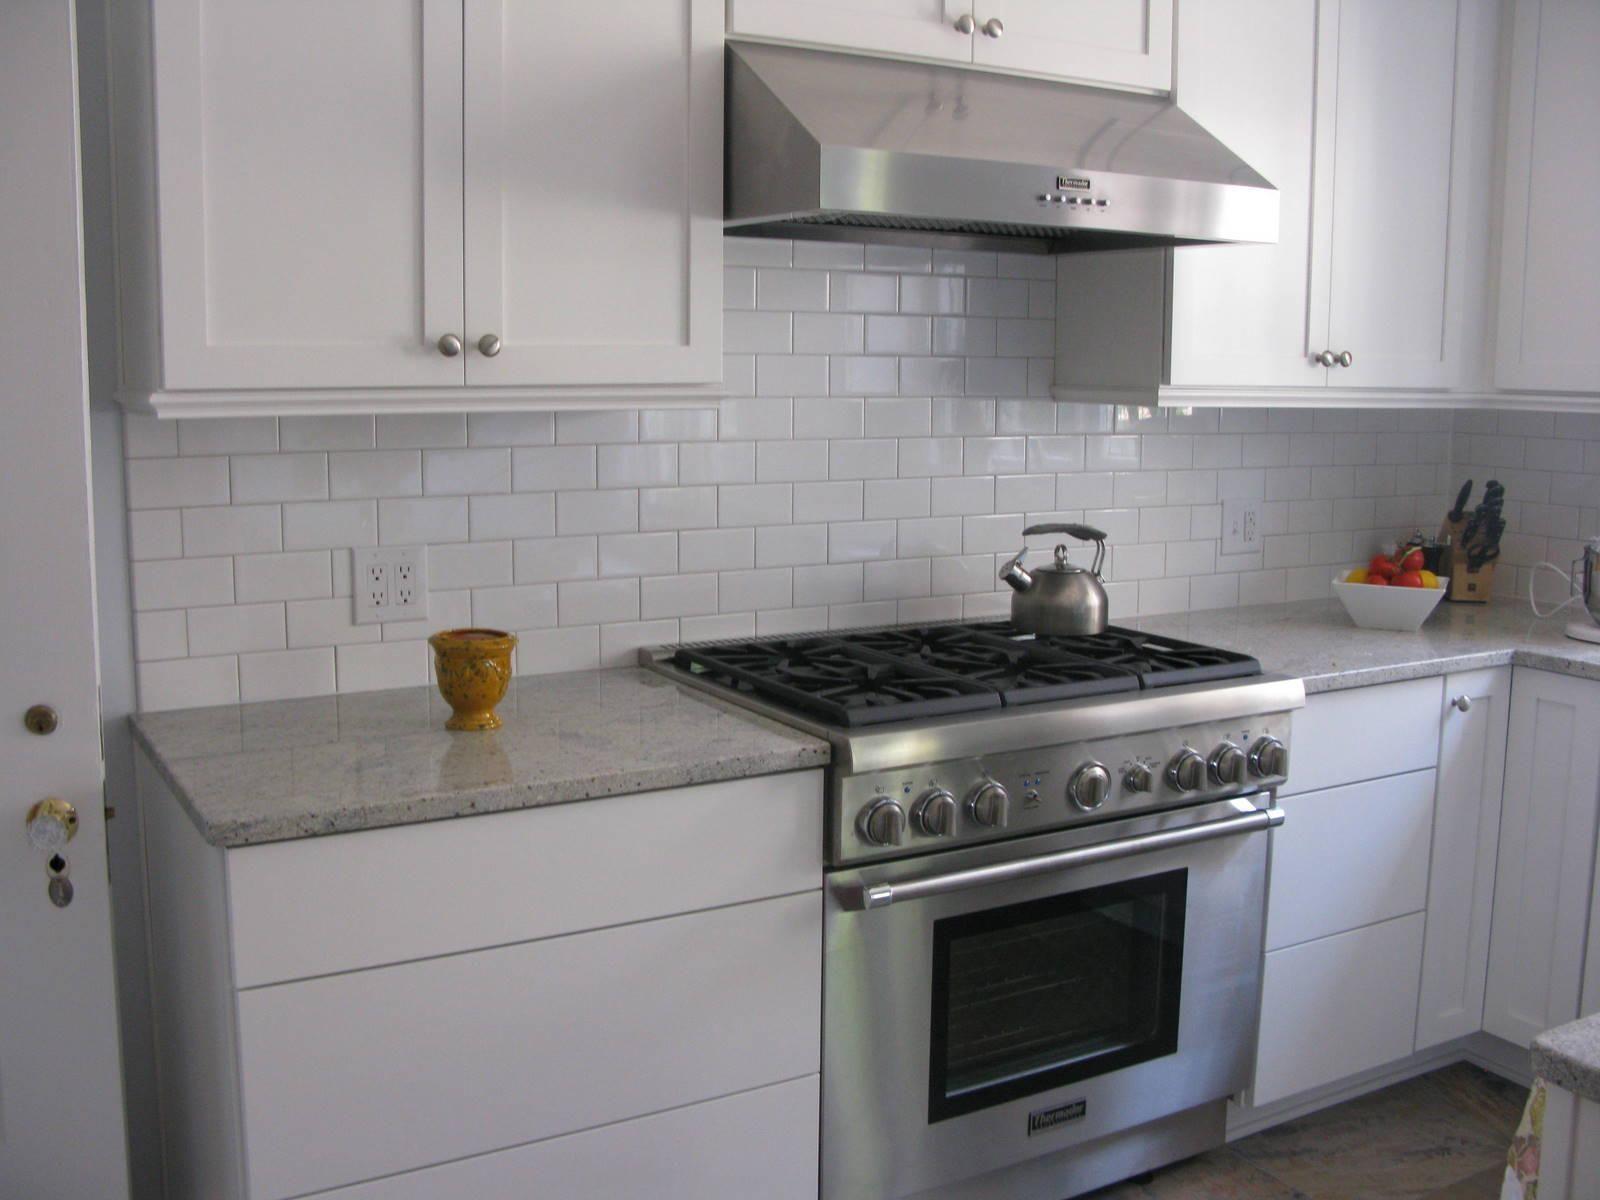 Pin by annie on kitchen Kitchen tiles design, Modern